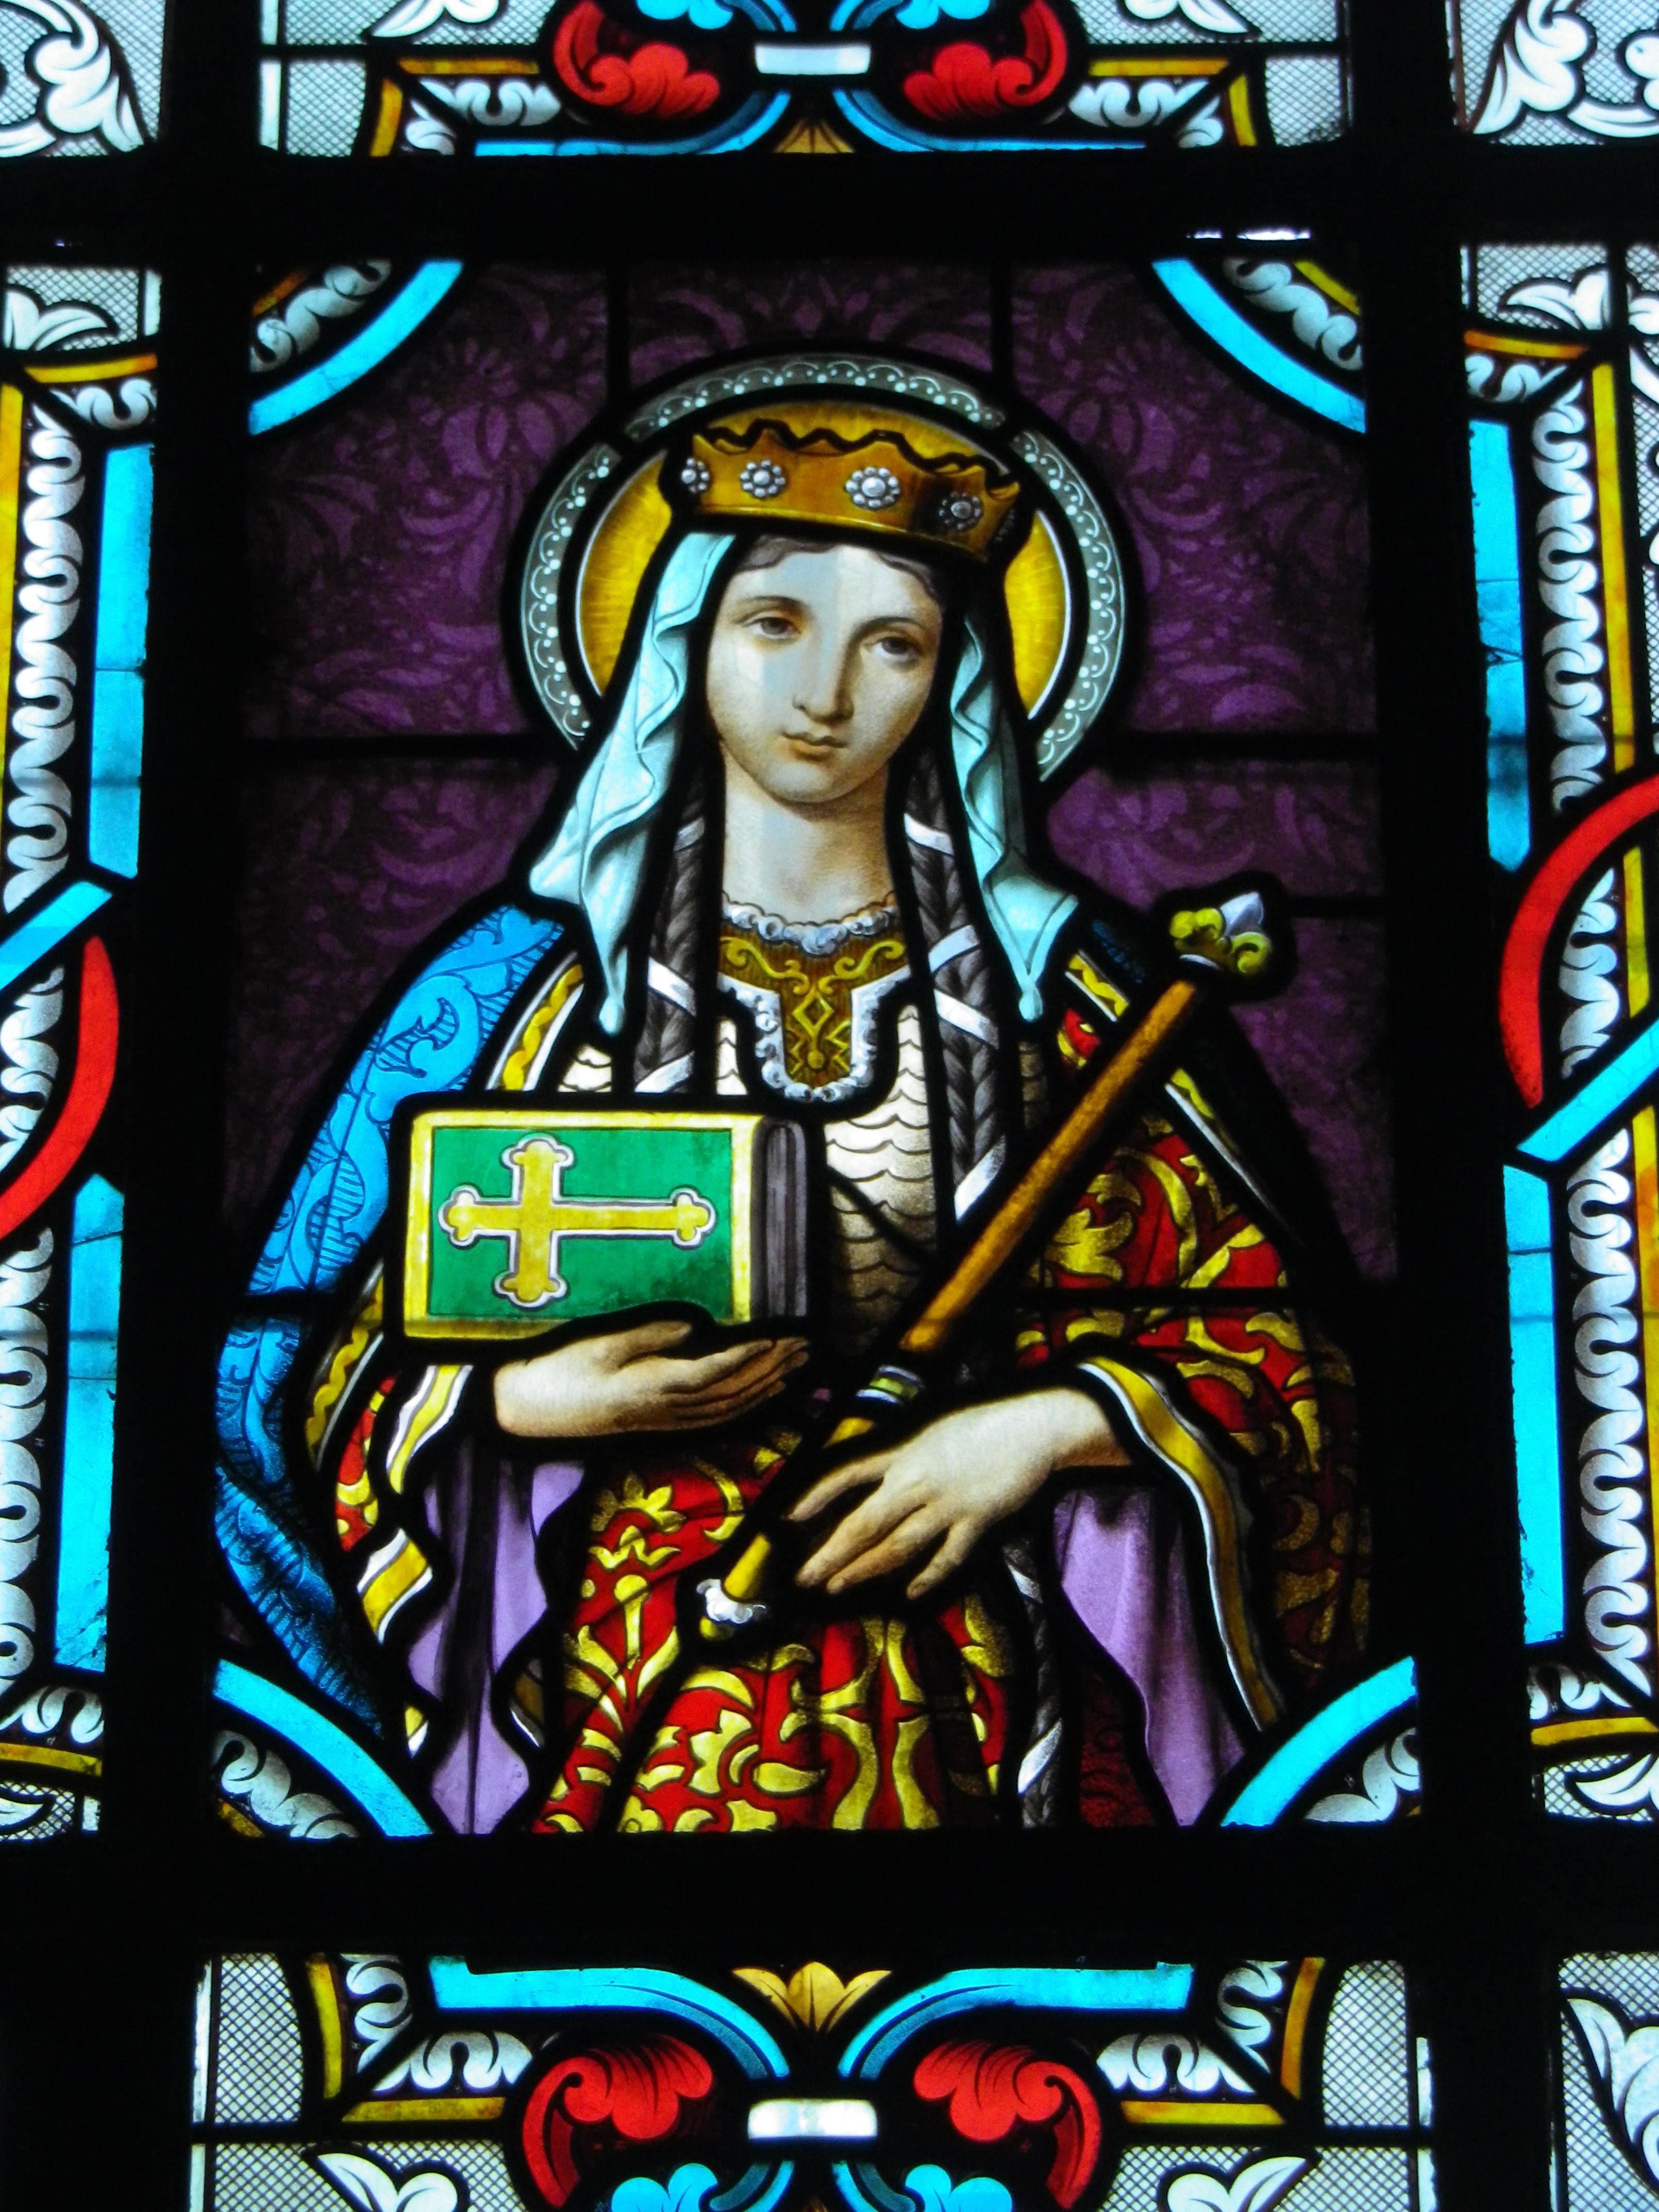 Sainte Emme, fille de Sainte Berthe, dont la biographie et le récit du retour de son corps à Blangy a été évoqué lors de la balade.